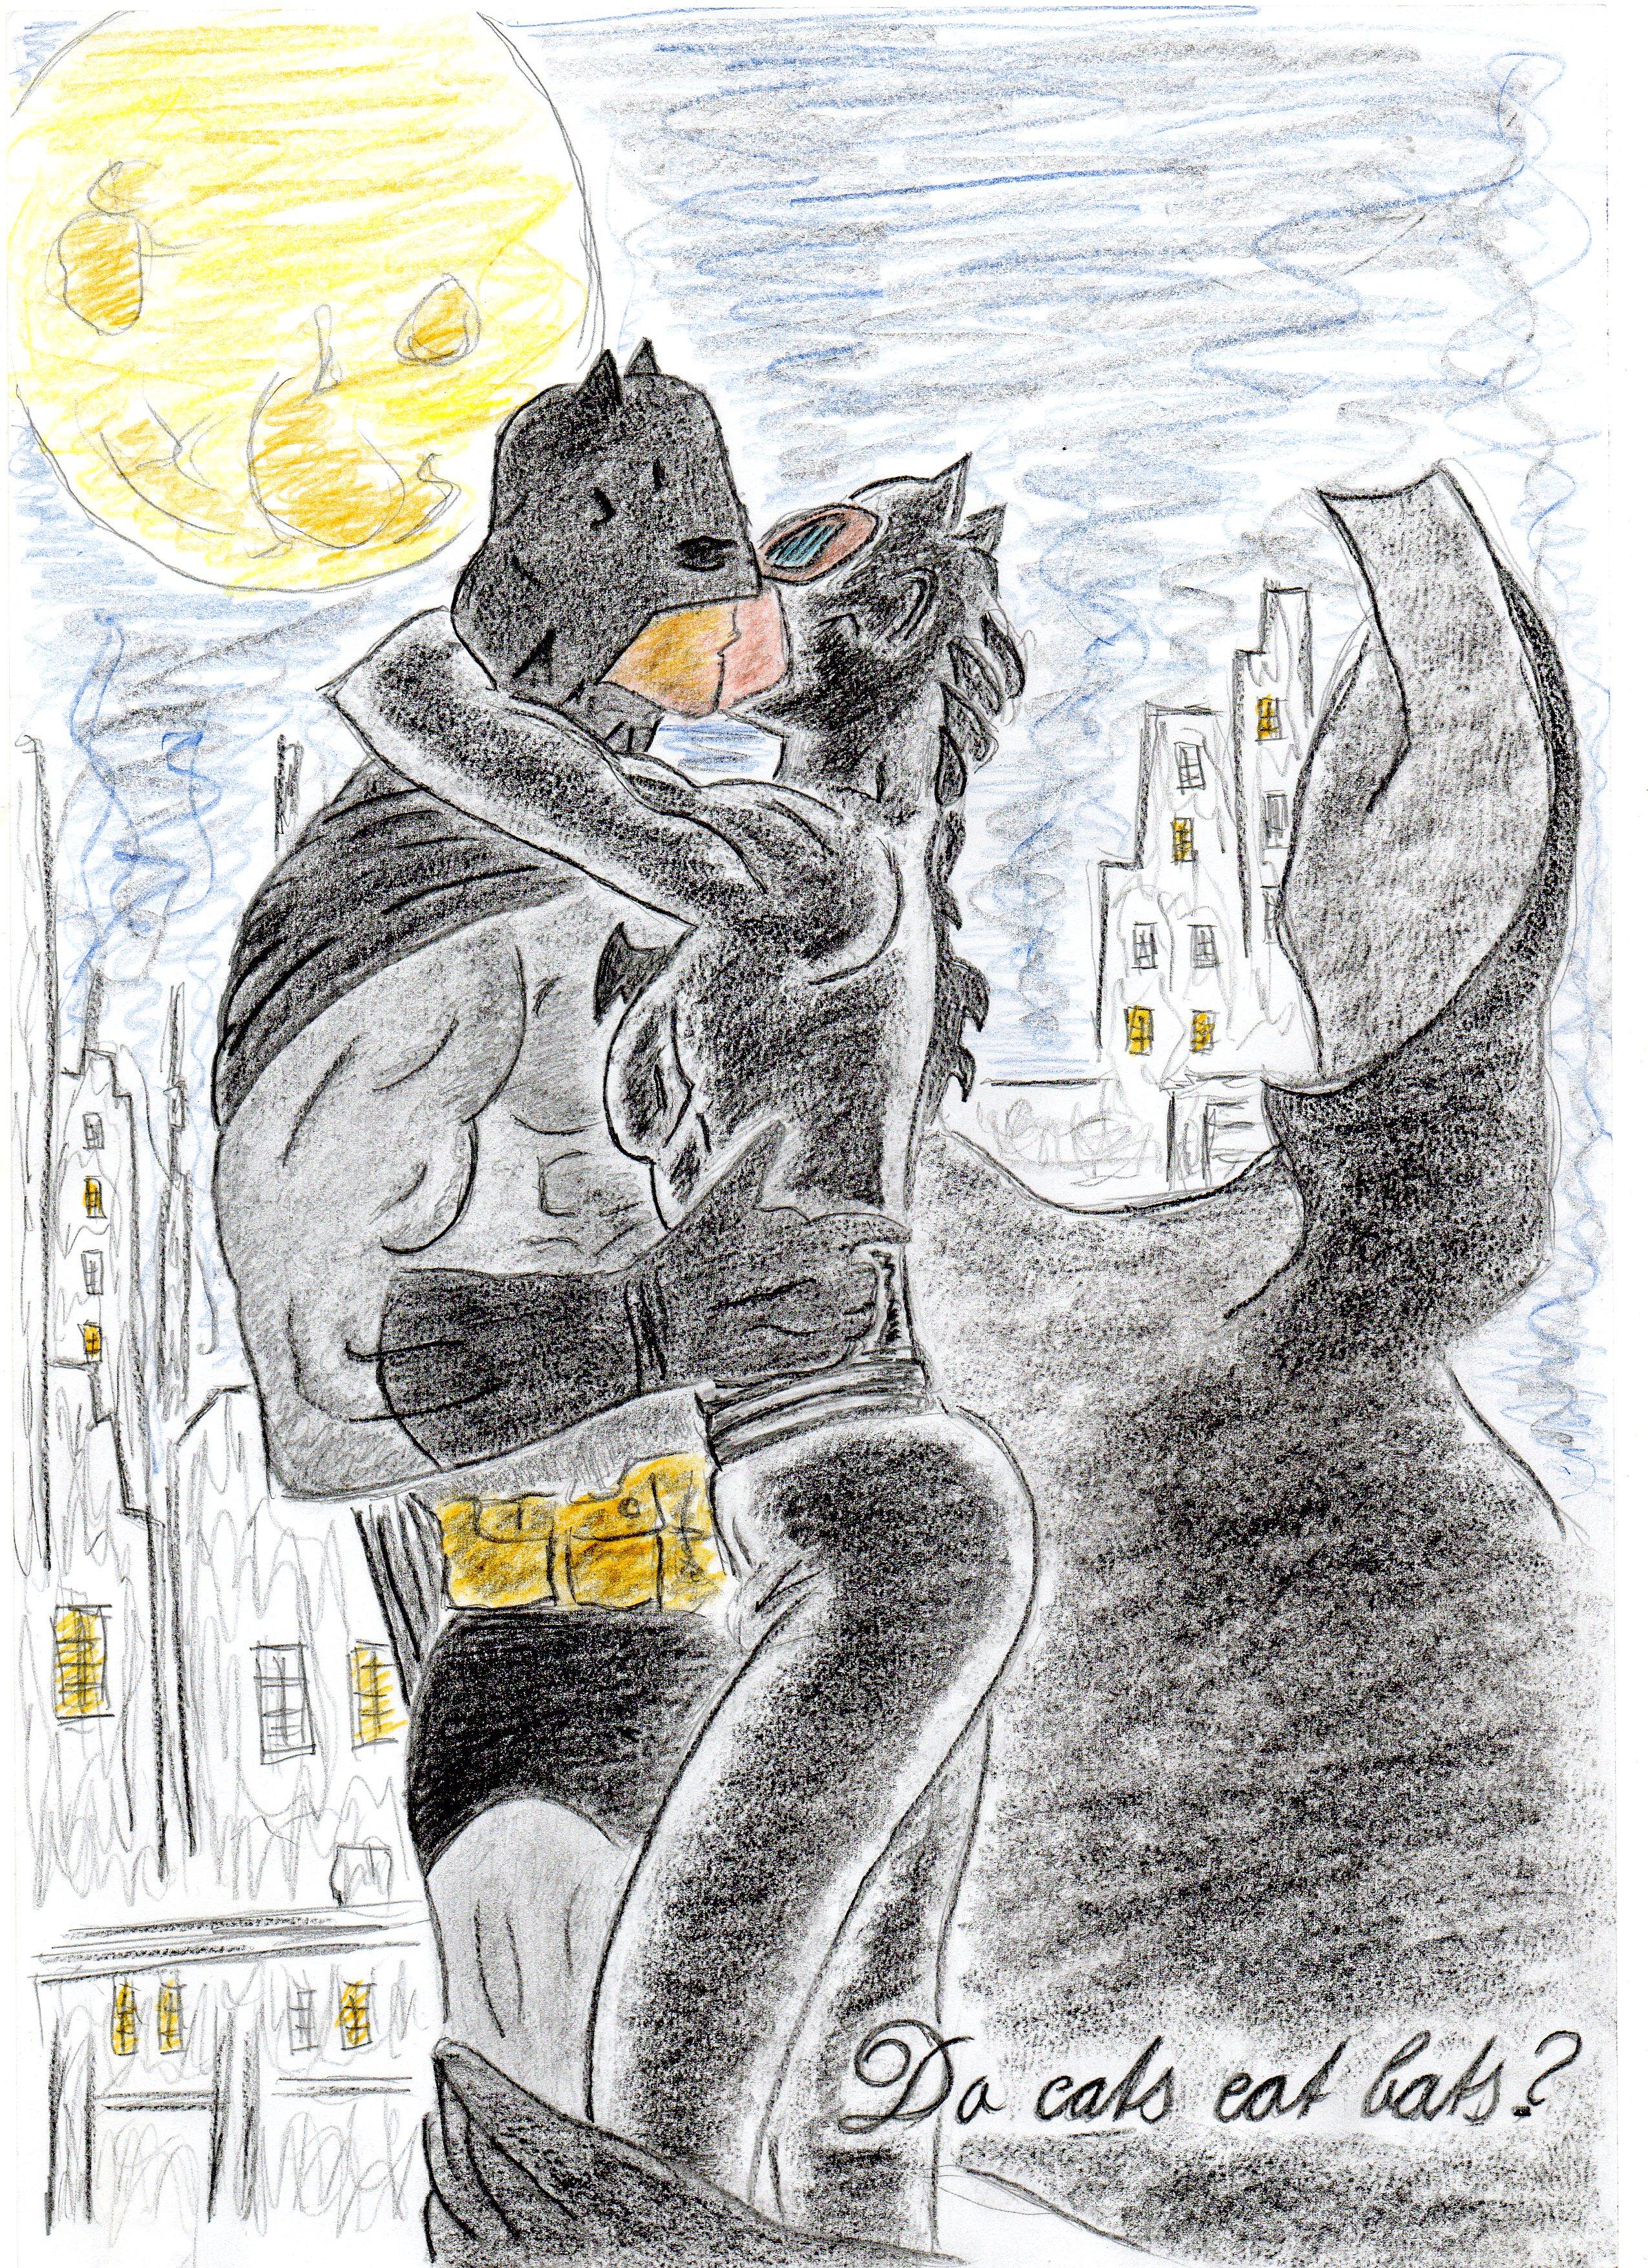 Do cats eat bats?